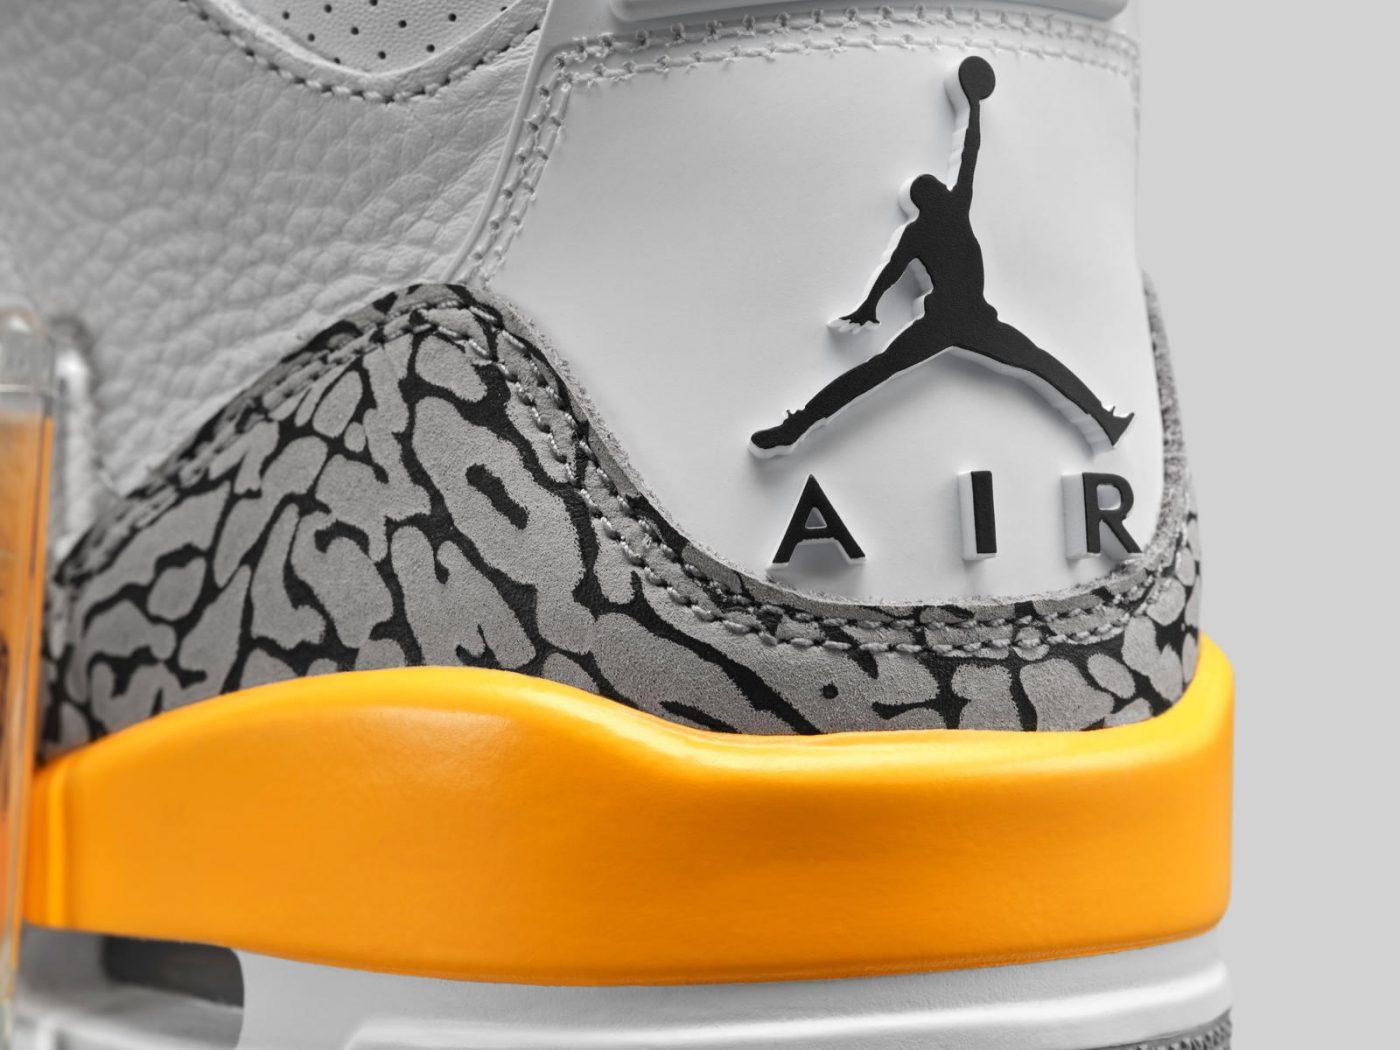 Air Jordan 3 WMNS Laser Orange